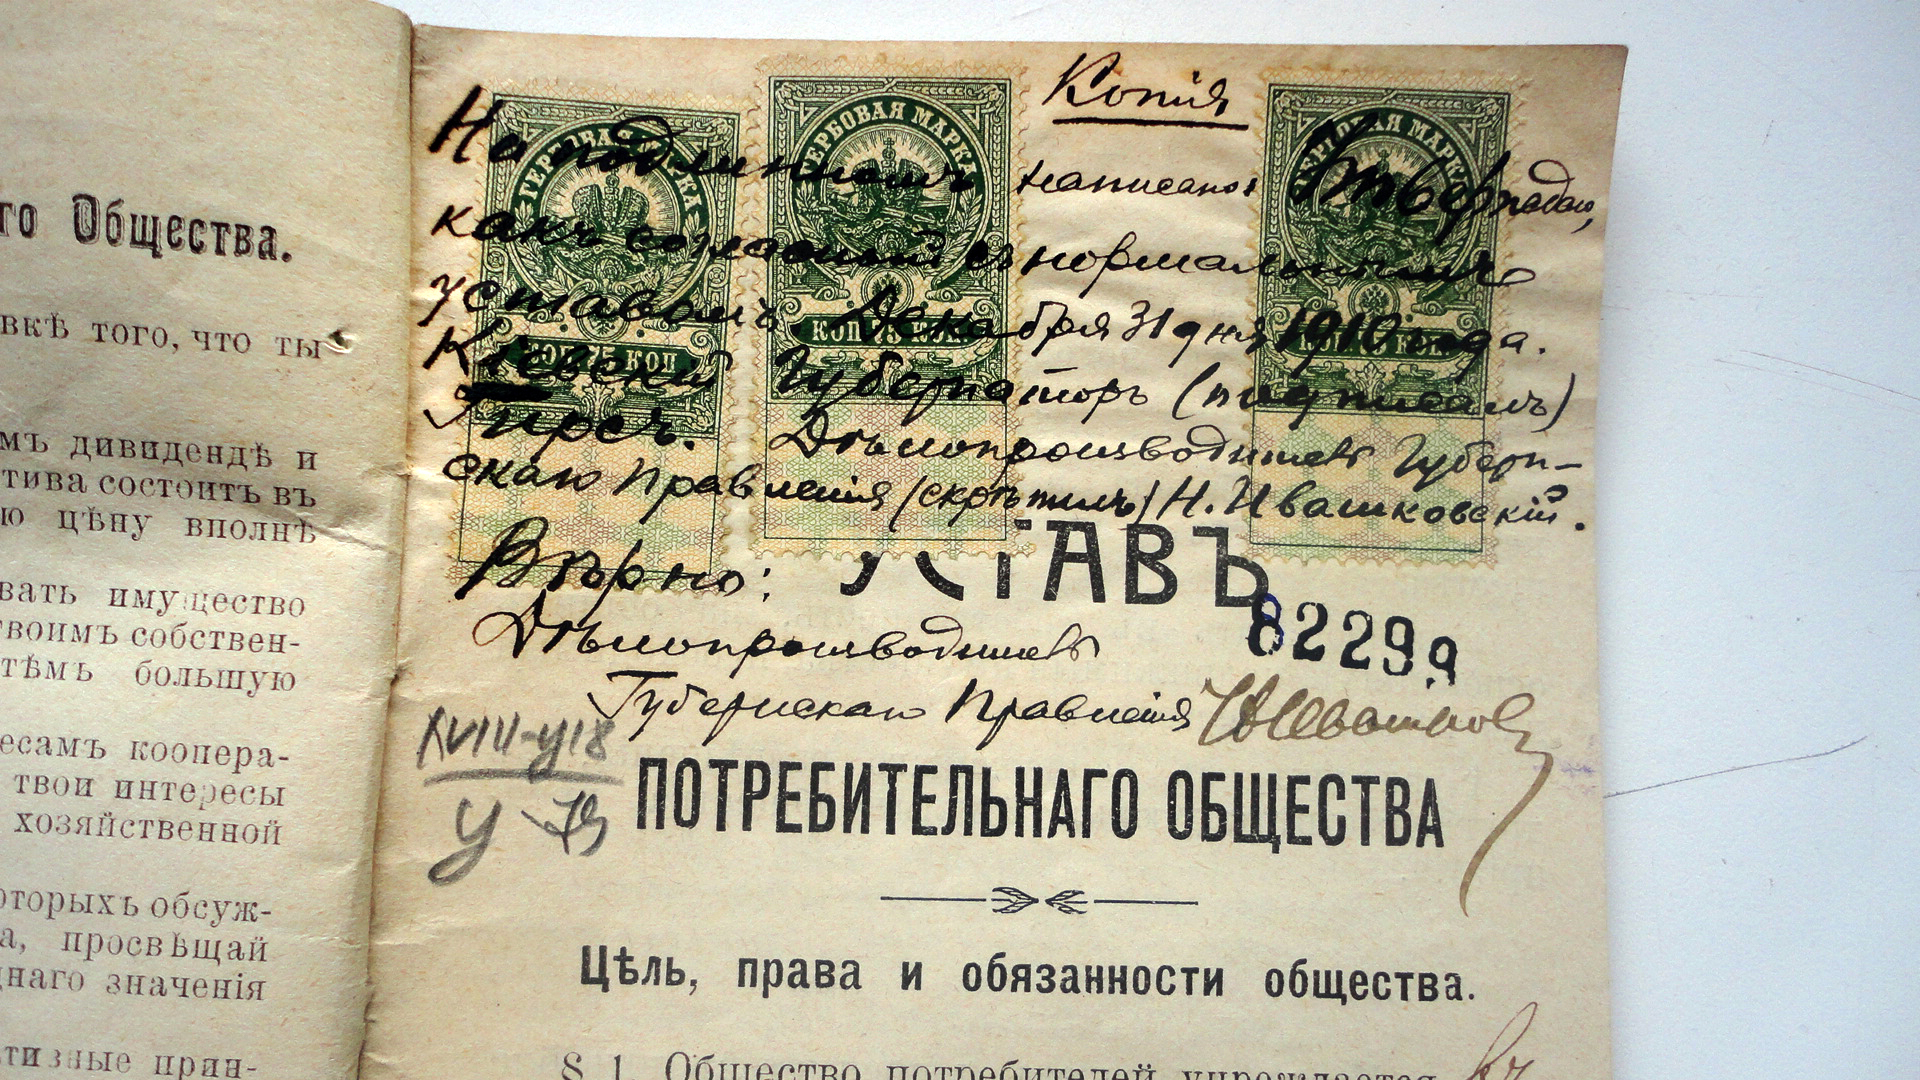 Копія Уставу споживчого товариства села Гопчиця 1910 року